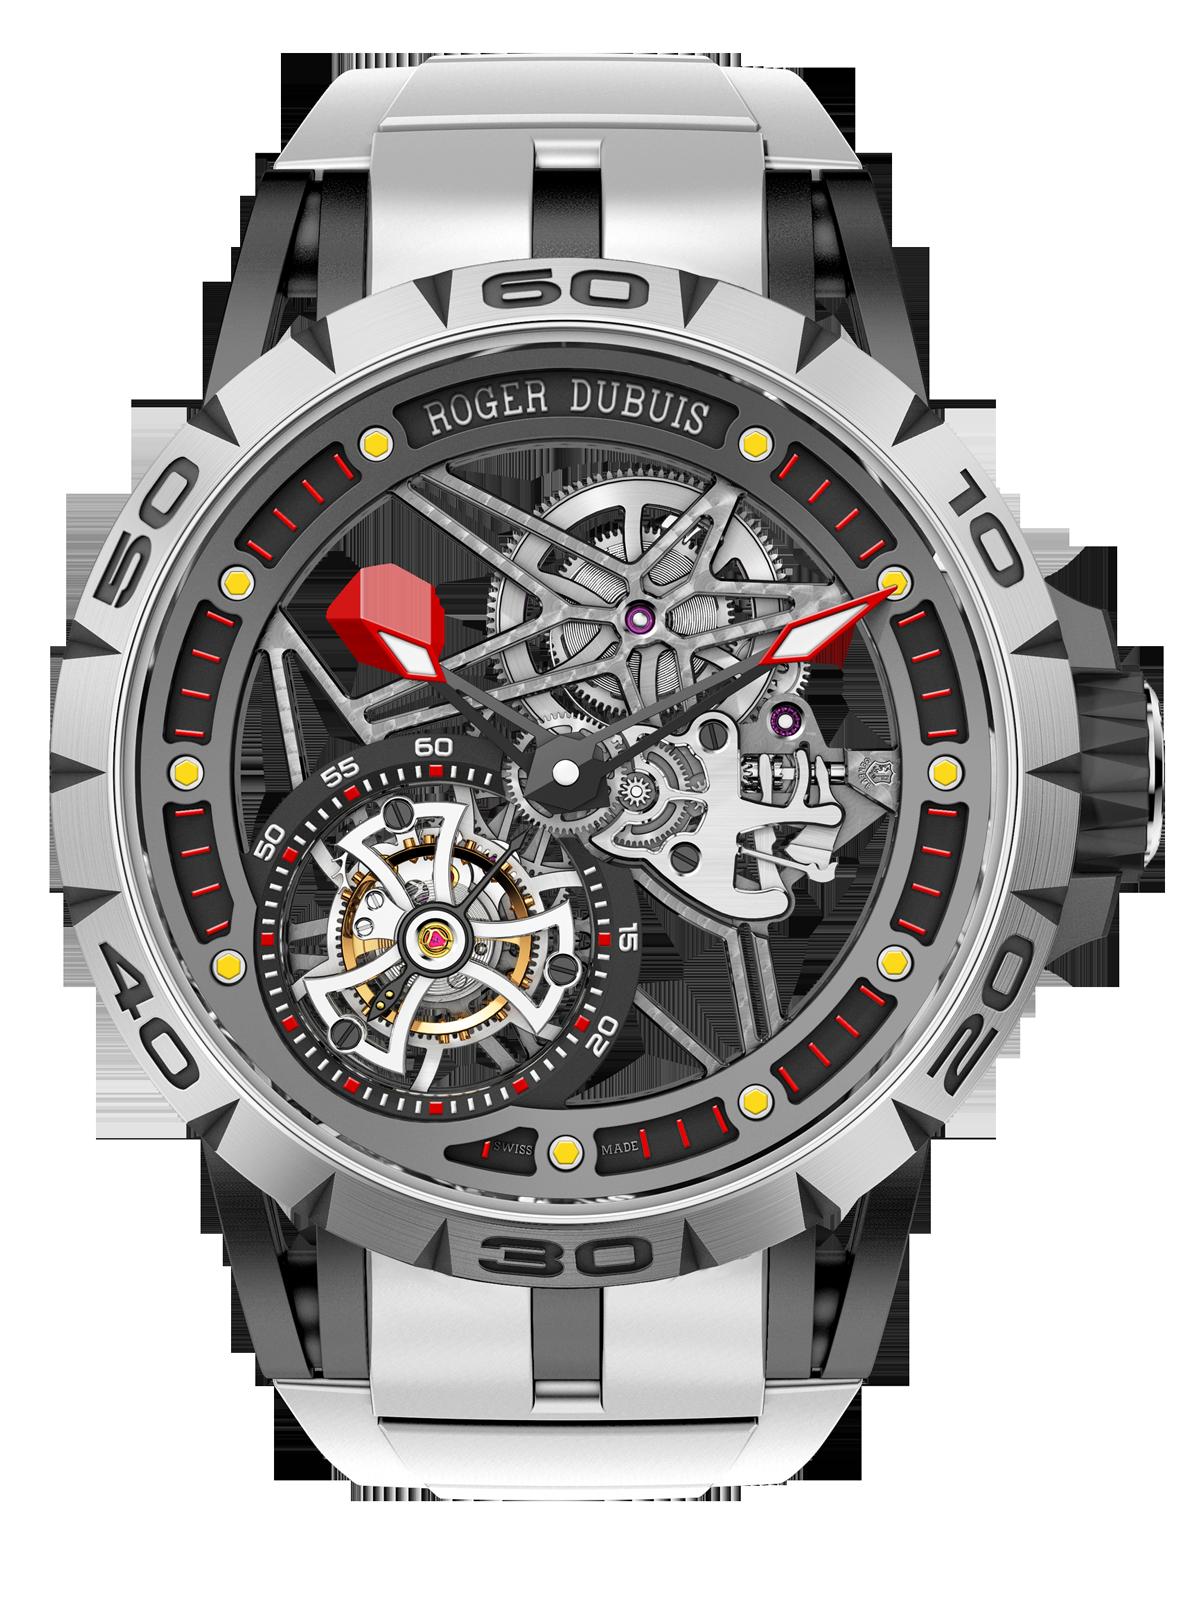 EX45S_505SQ_Porsche_Frontview_4